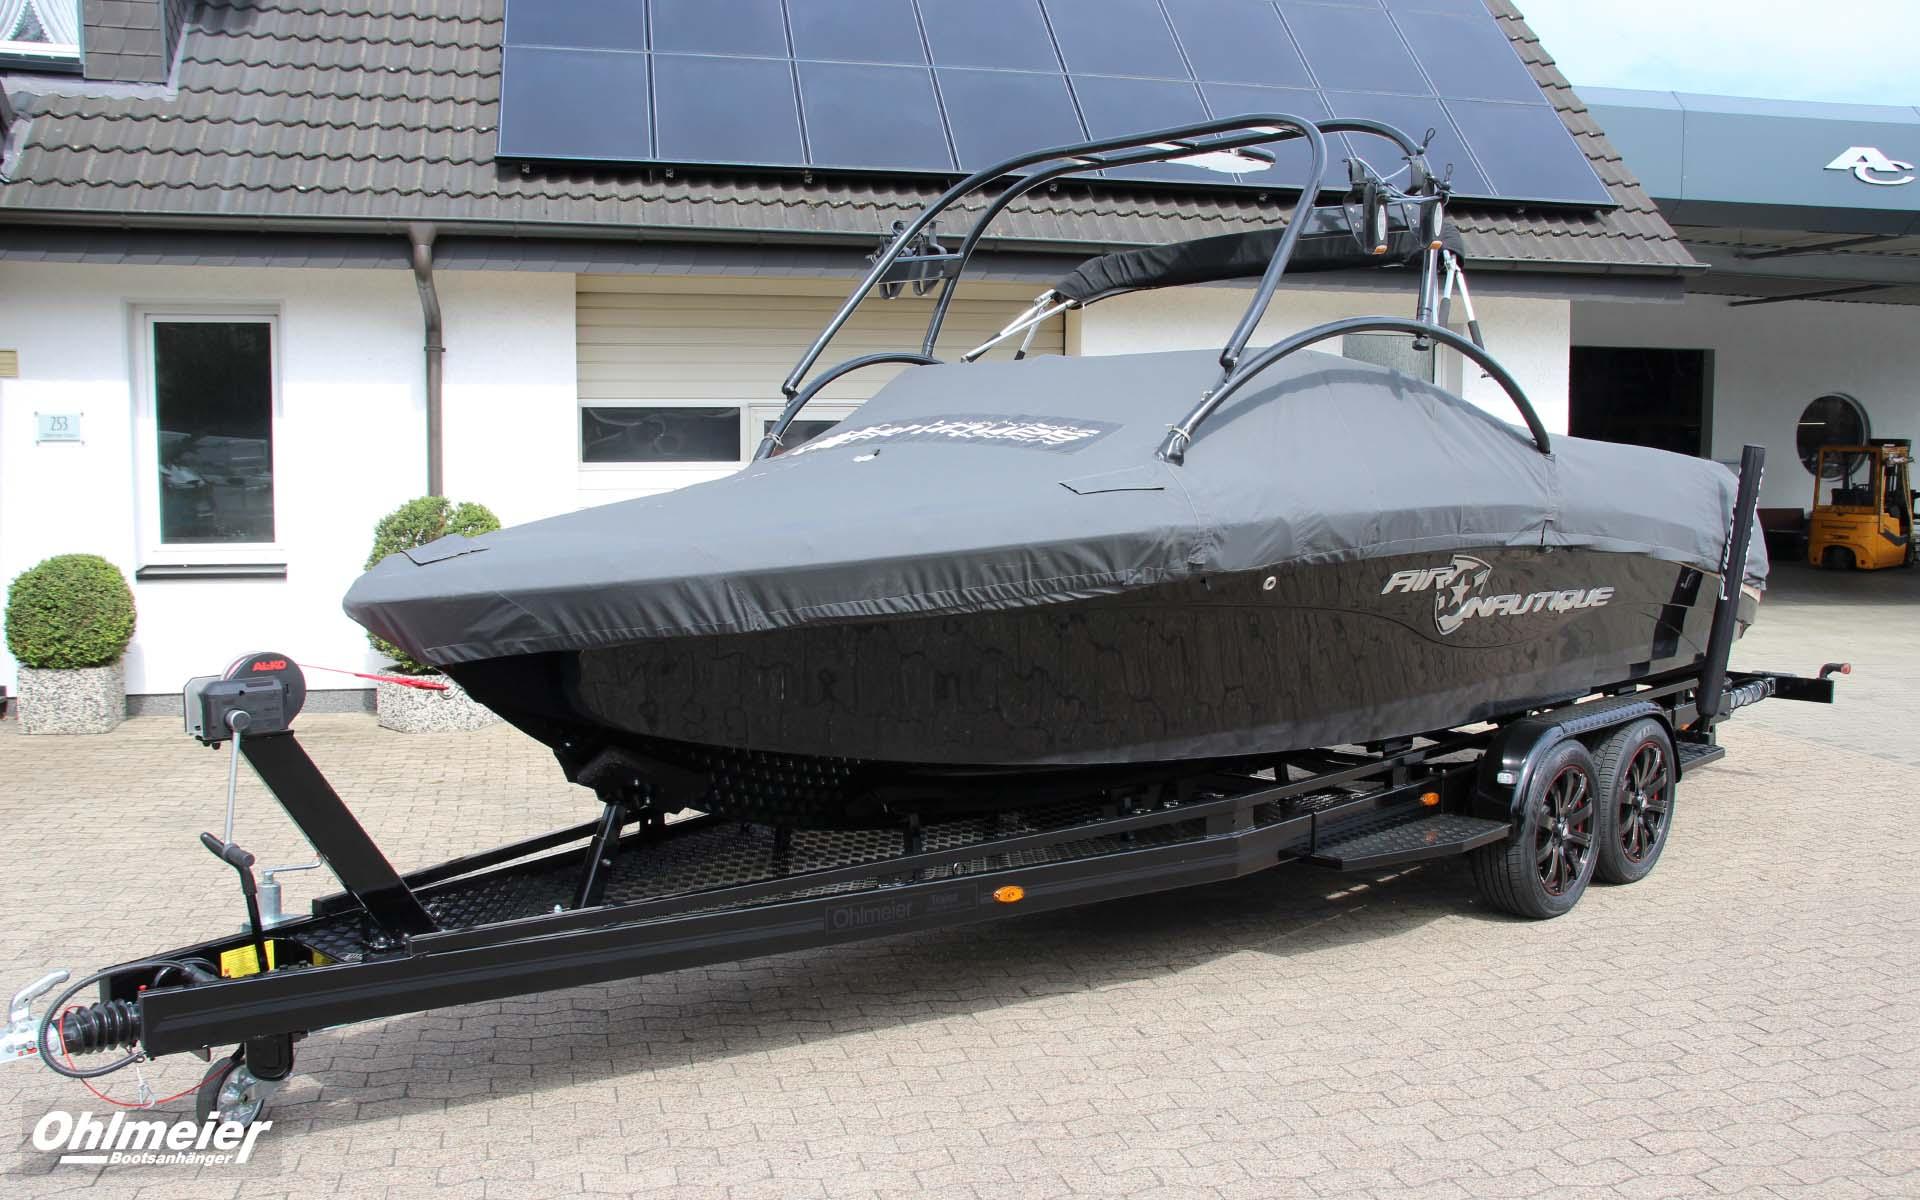 Bootstrailer in Maßarbeit. Der Bootsanhänger im Design zu Ihrem Boot.